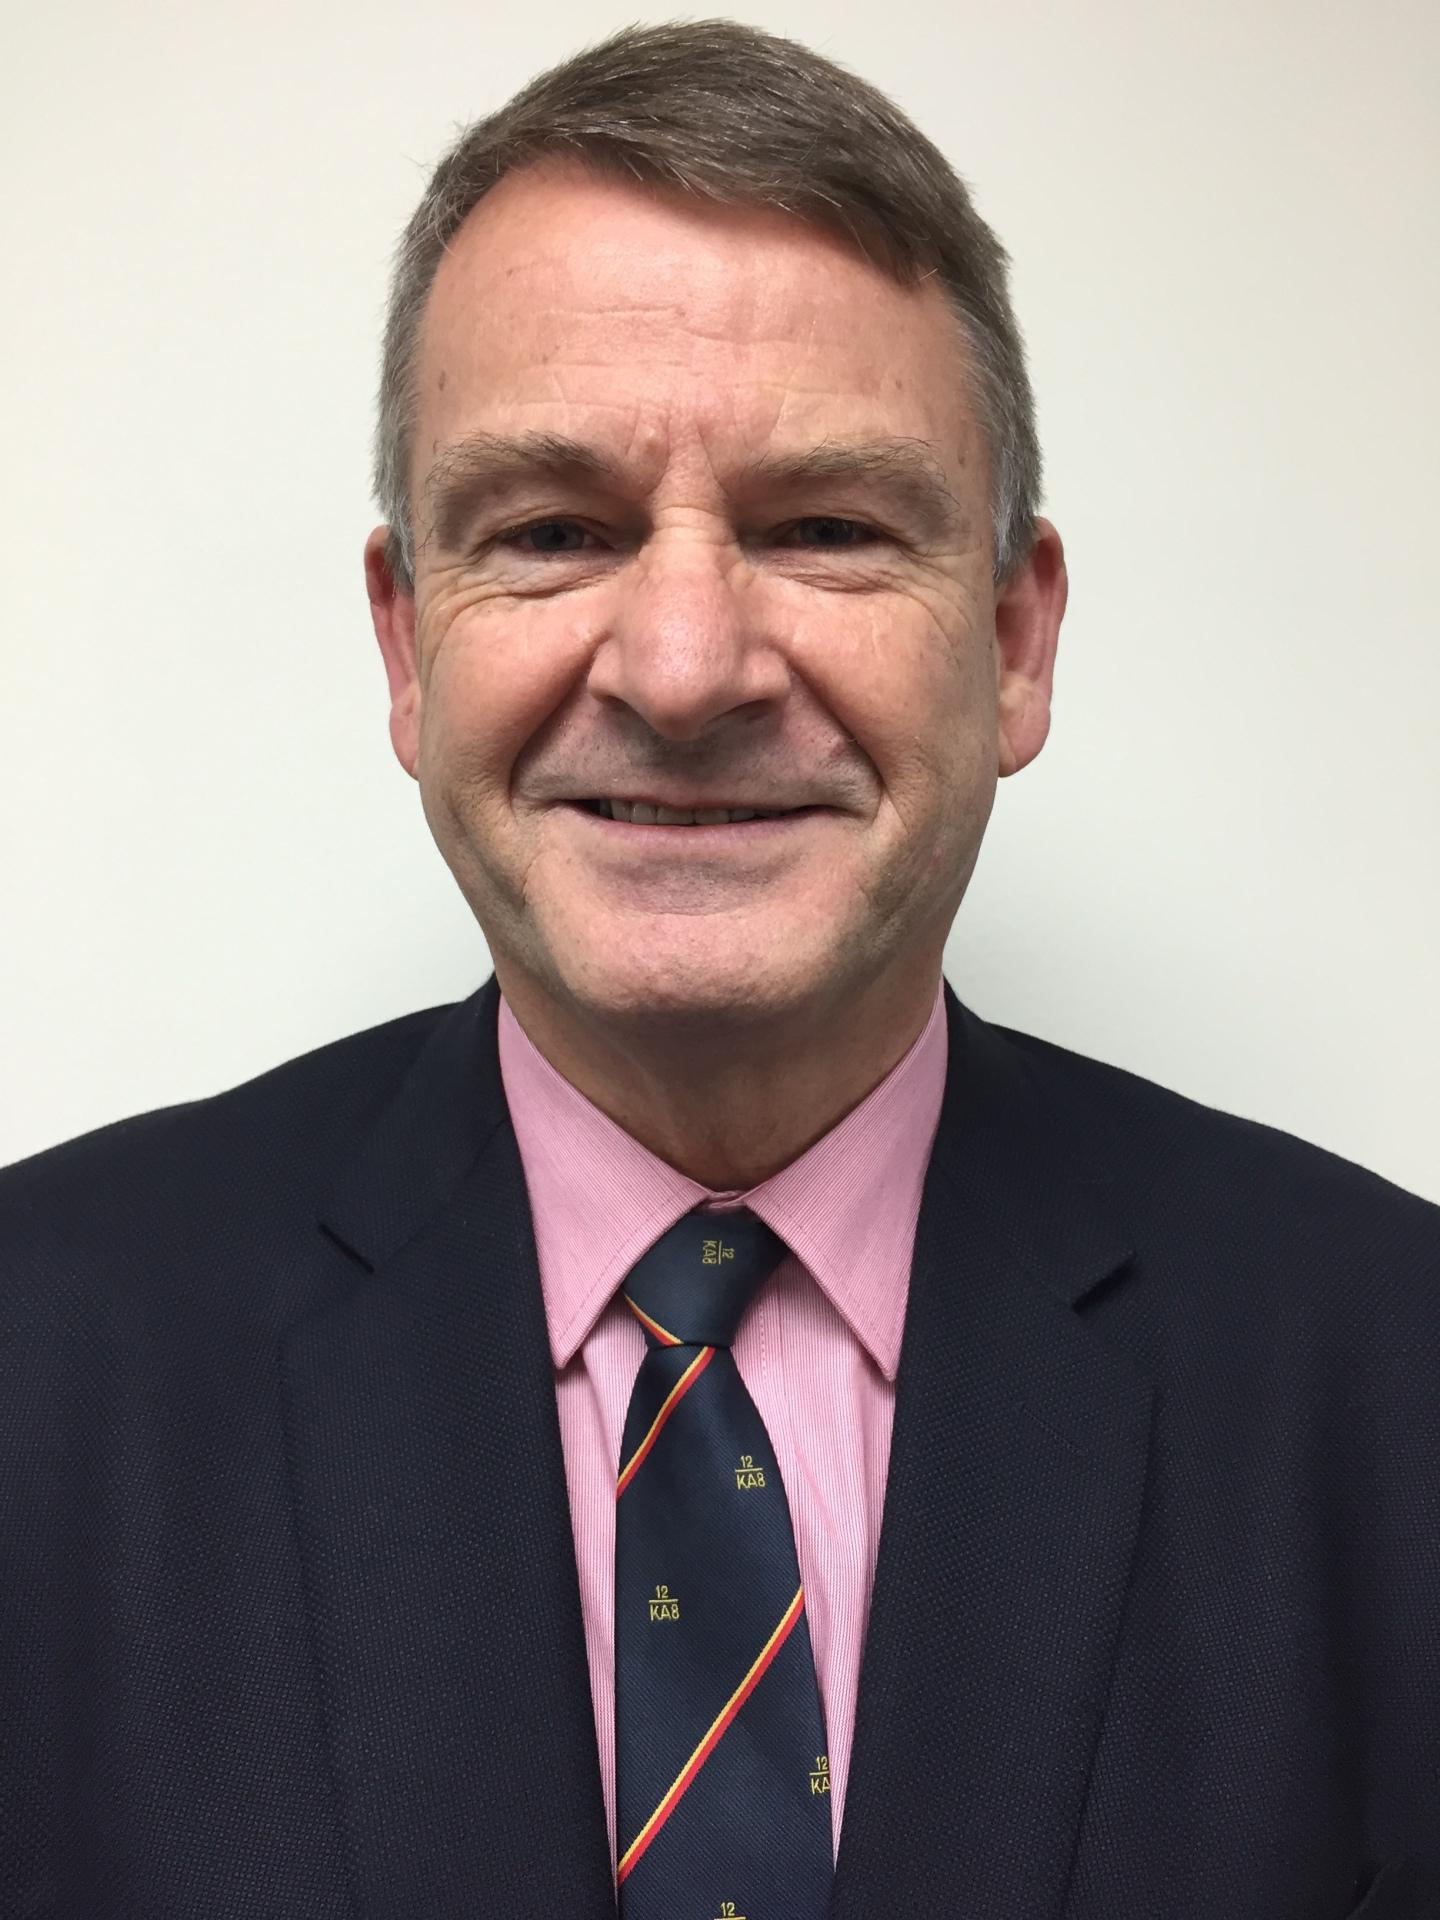 Mr David McLeod